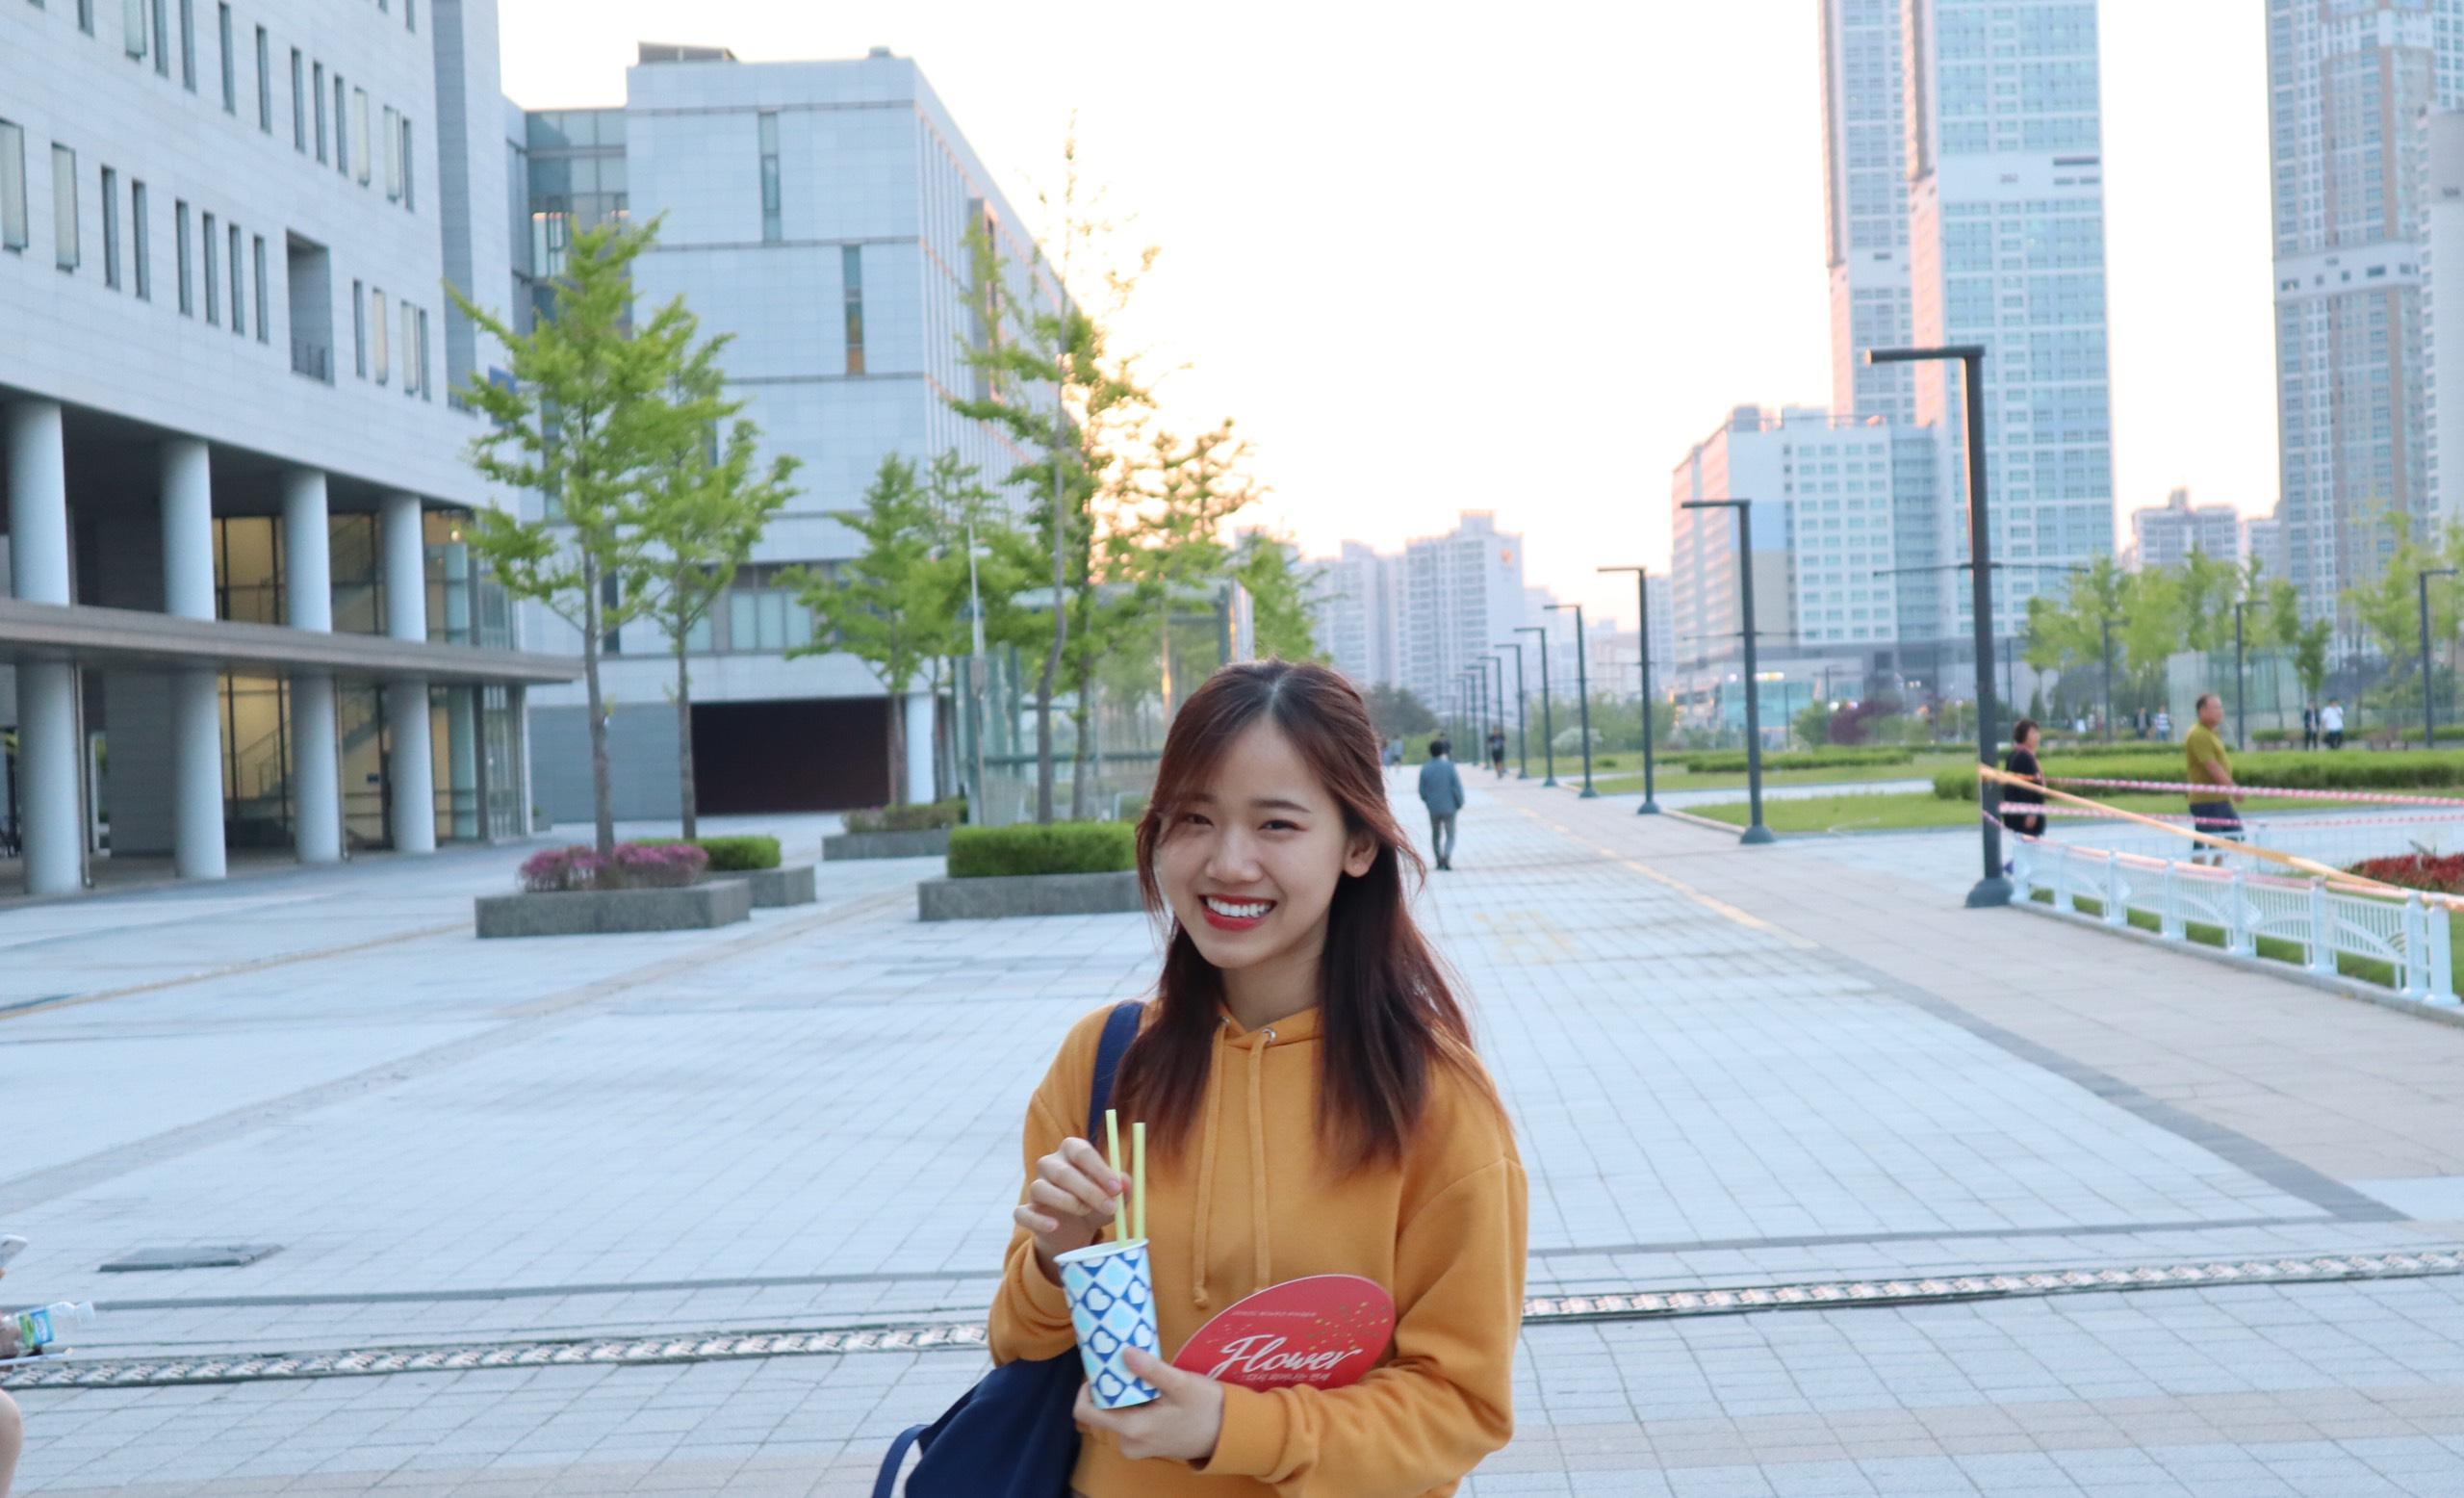 Hướng dẫn trị mụn tuổi dậy thì từ du học sinh Hàn Quốc 4